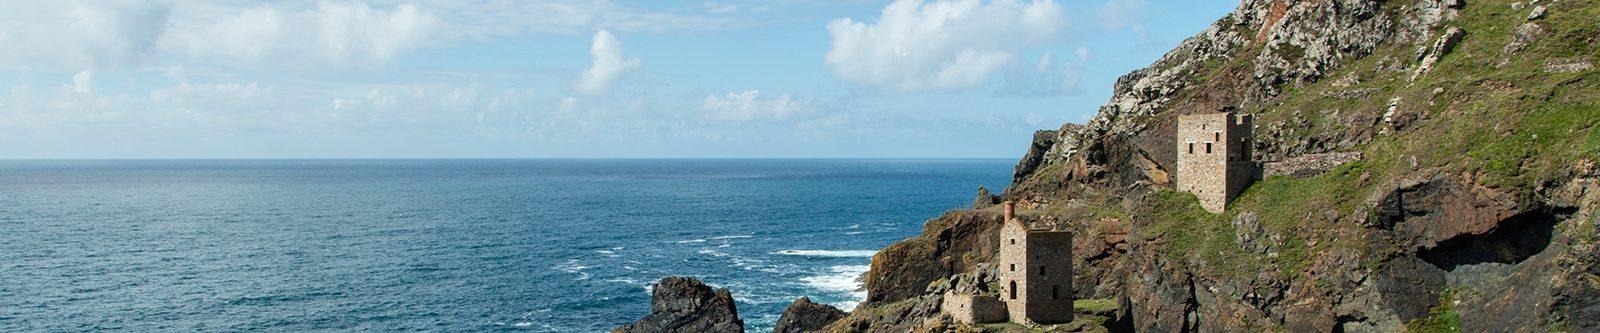 Botallack cliffs